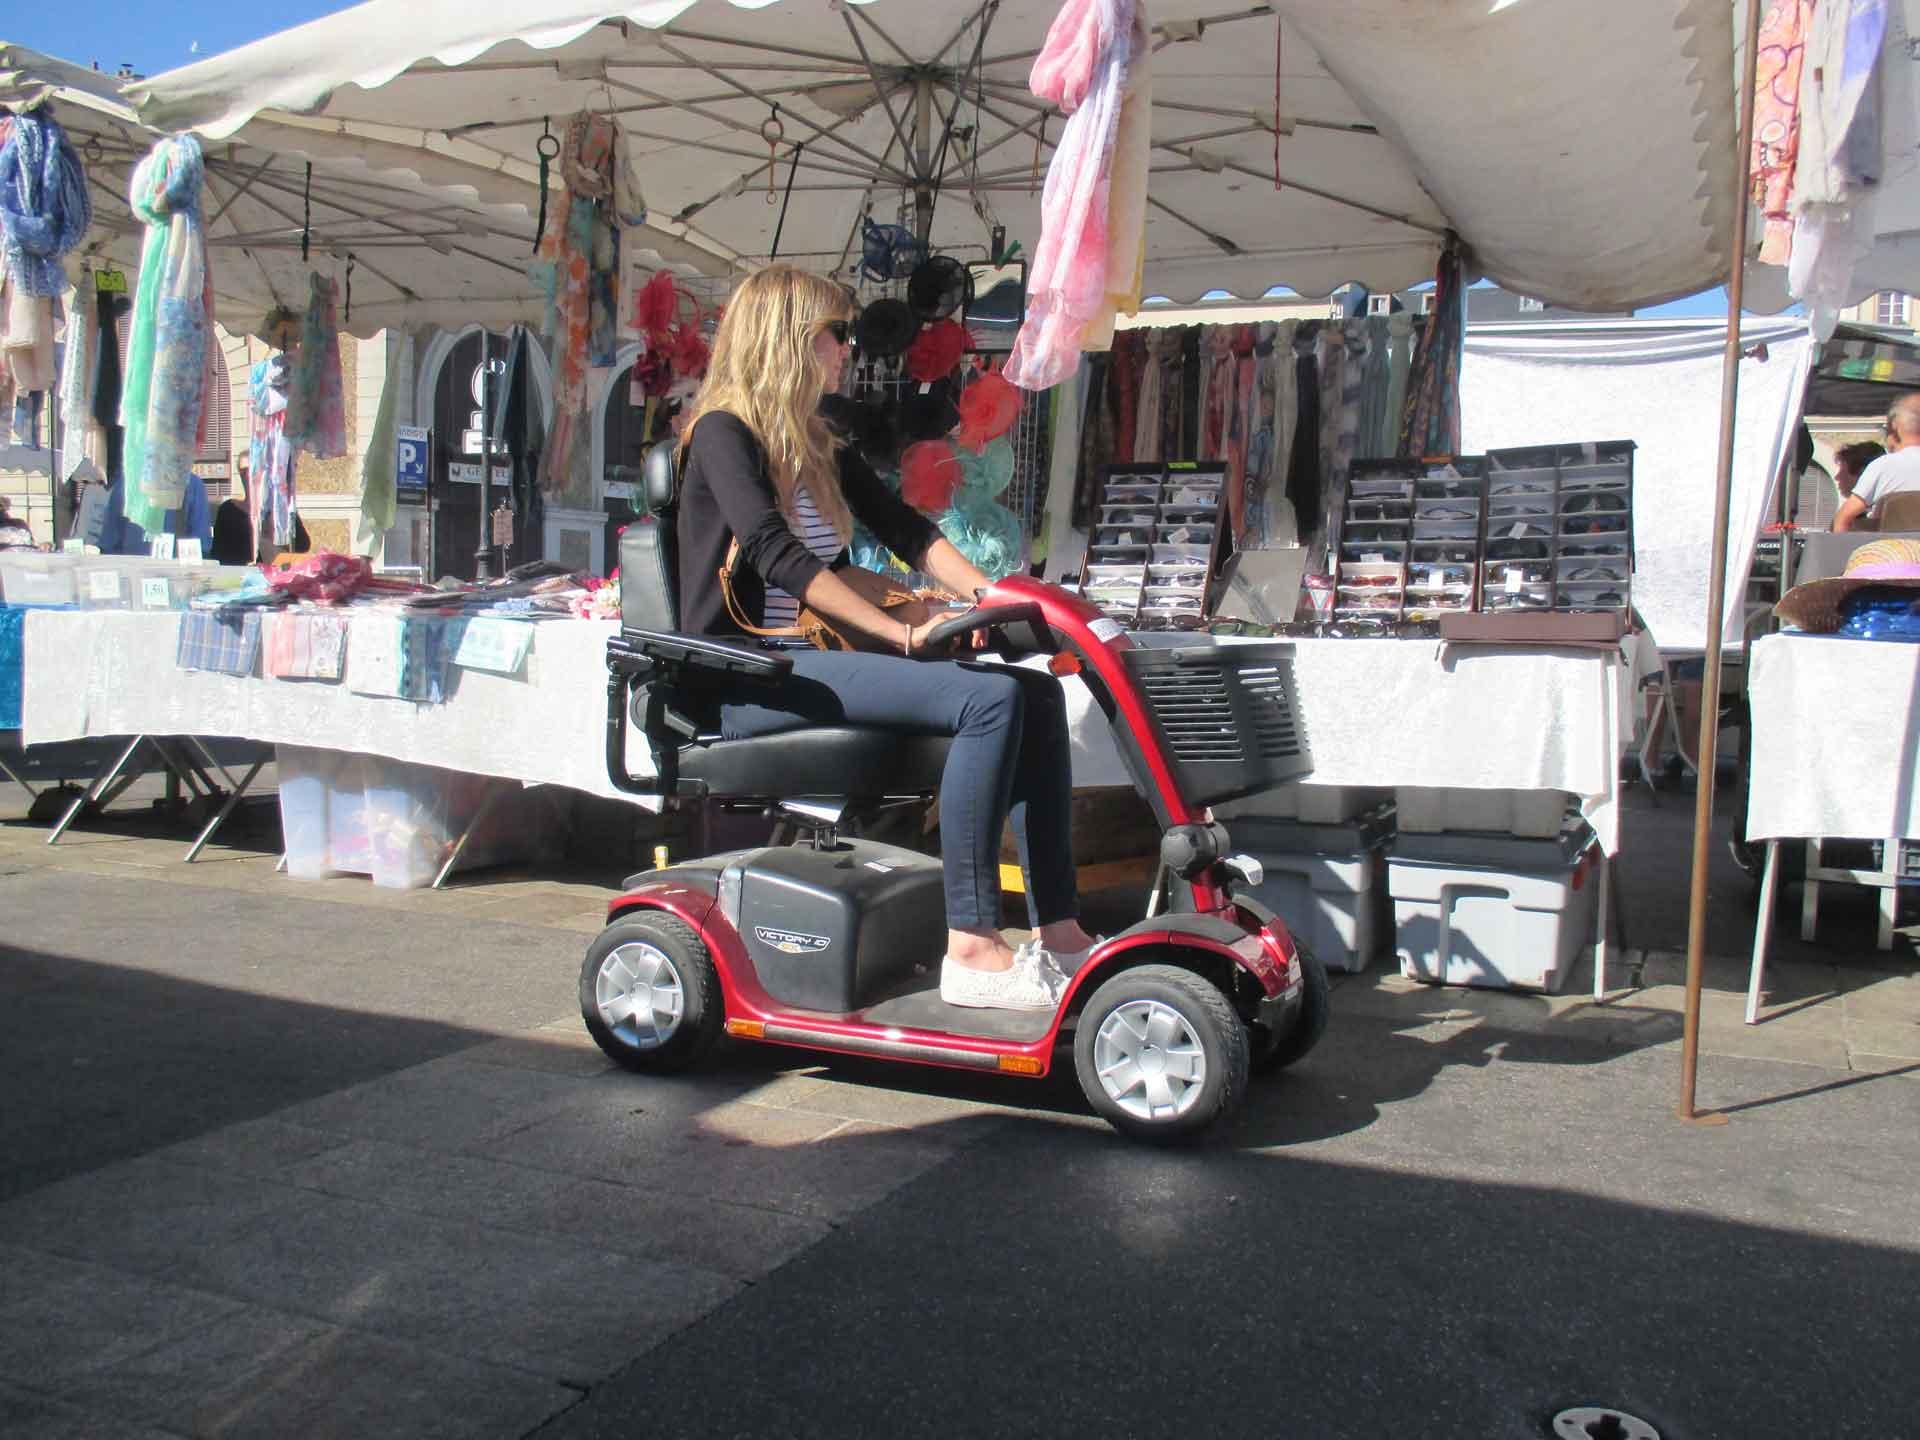 Location de scooter électrique pour pmr, idéal pour tourisme et visite